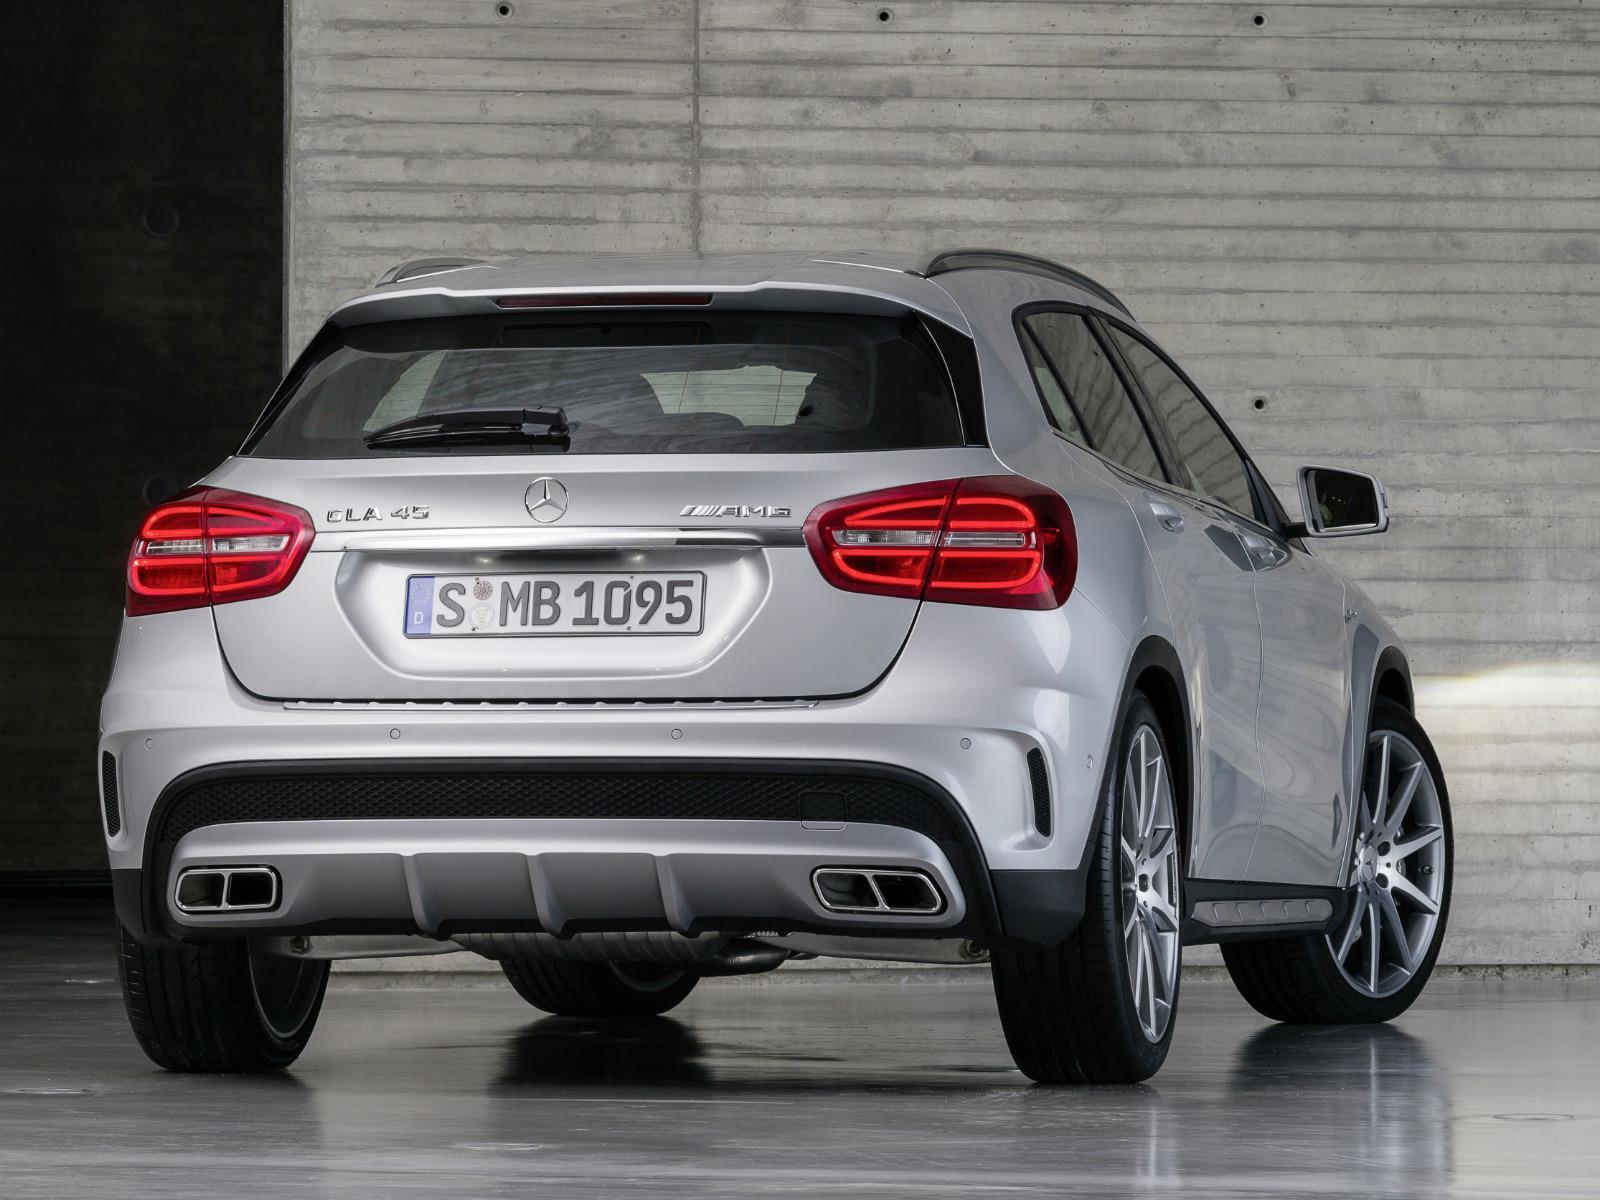 El nuevo Mercedes-Benz GLA llegó a Colombia - Autocosmos.com